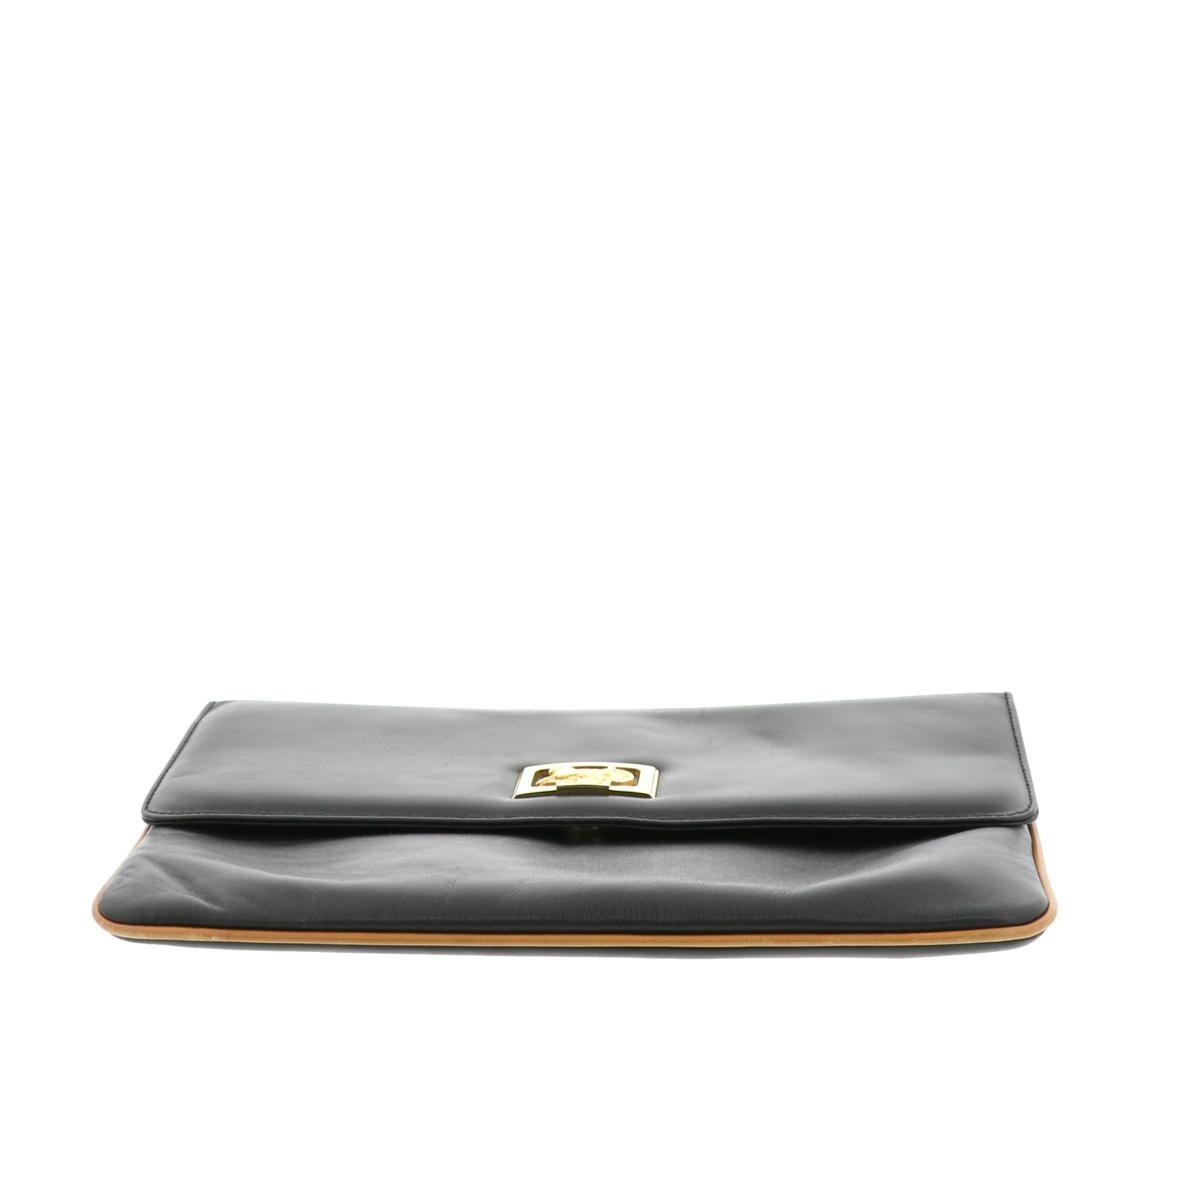 【中古】セリーヌ 馬車クラッチバッグ セカンドバッグ/ポーチ/クラッチ 黒 CELINE Clutch bag Black